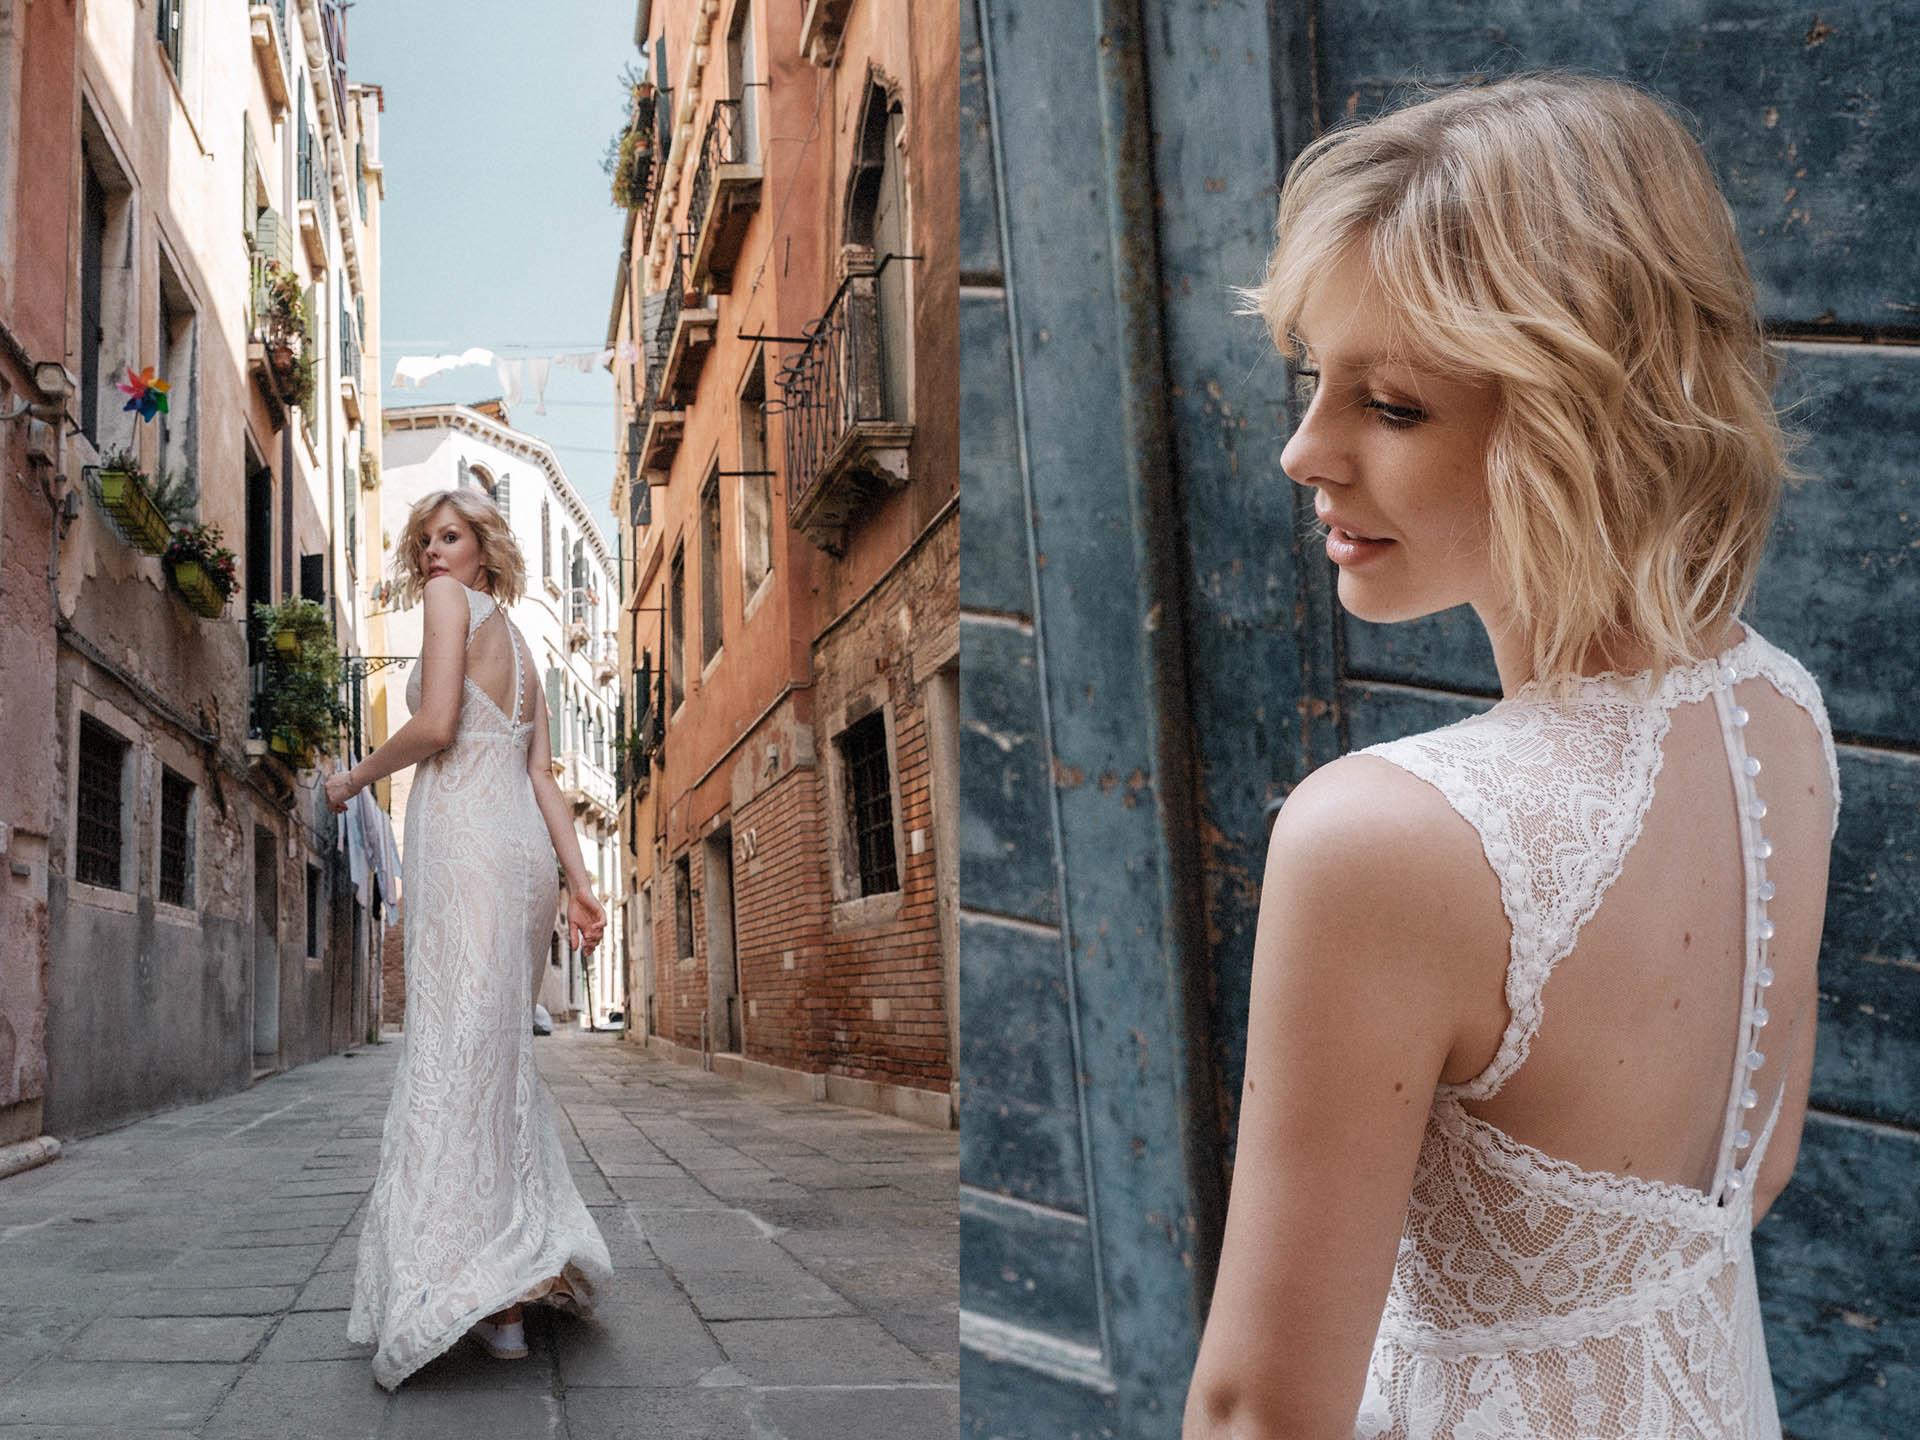 Sommer Brautkleid in den Gassen von Venedig